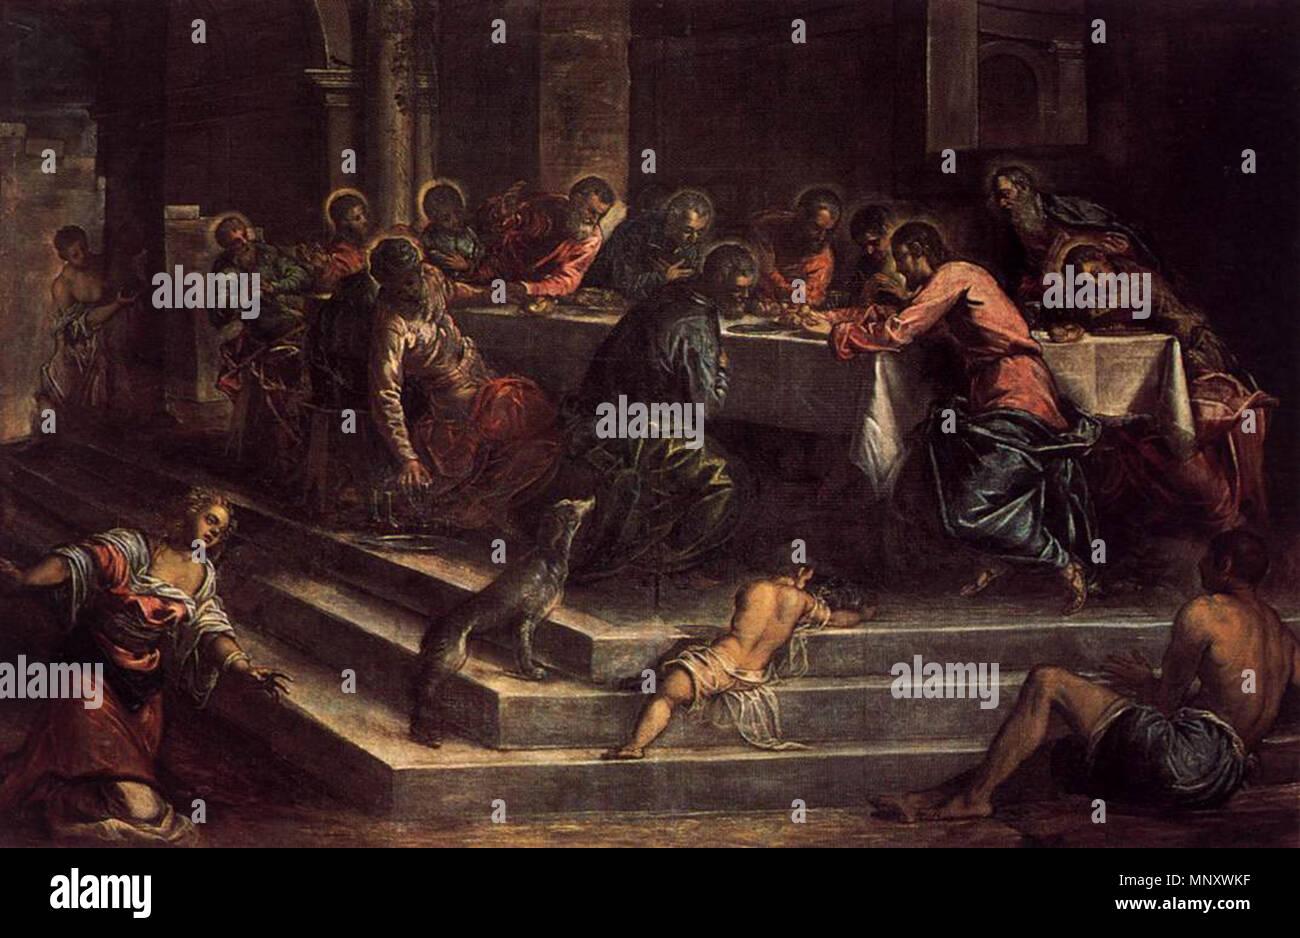 L Ultima Cena circa 1570. 1194 Jacopo Tintoretto - L'Ultima Cena - WGA22613  Foto stock - Alamy